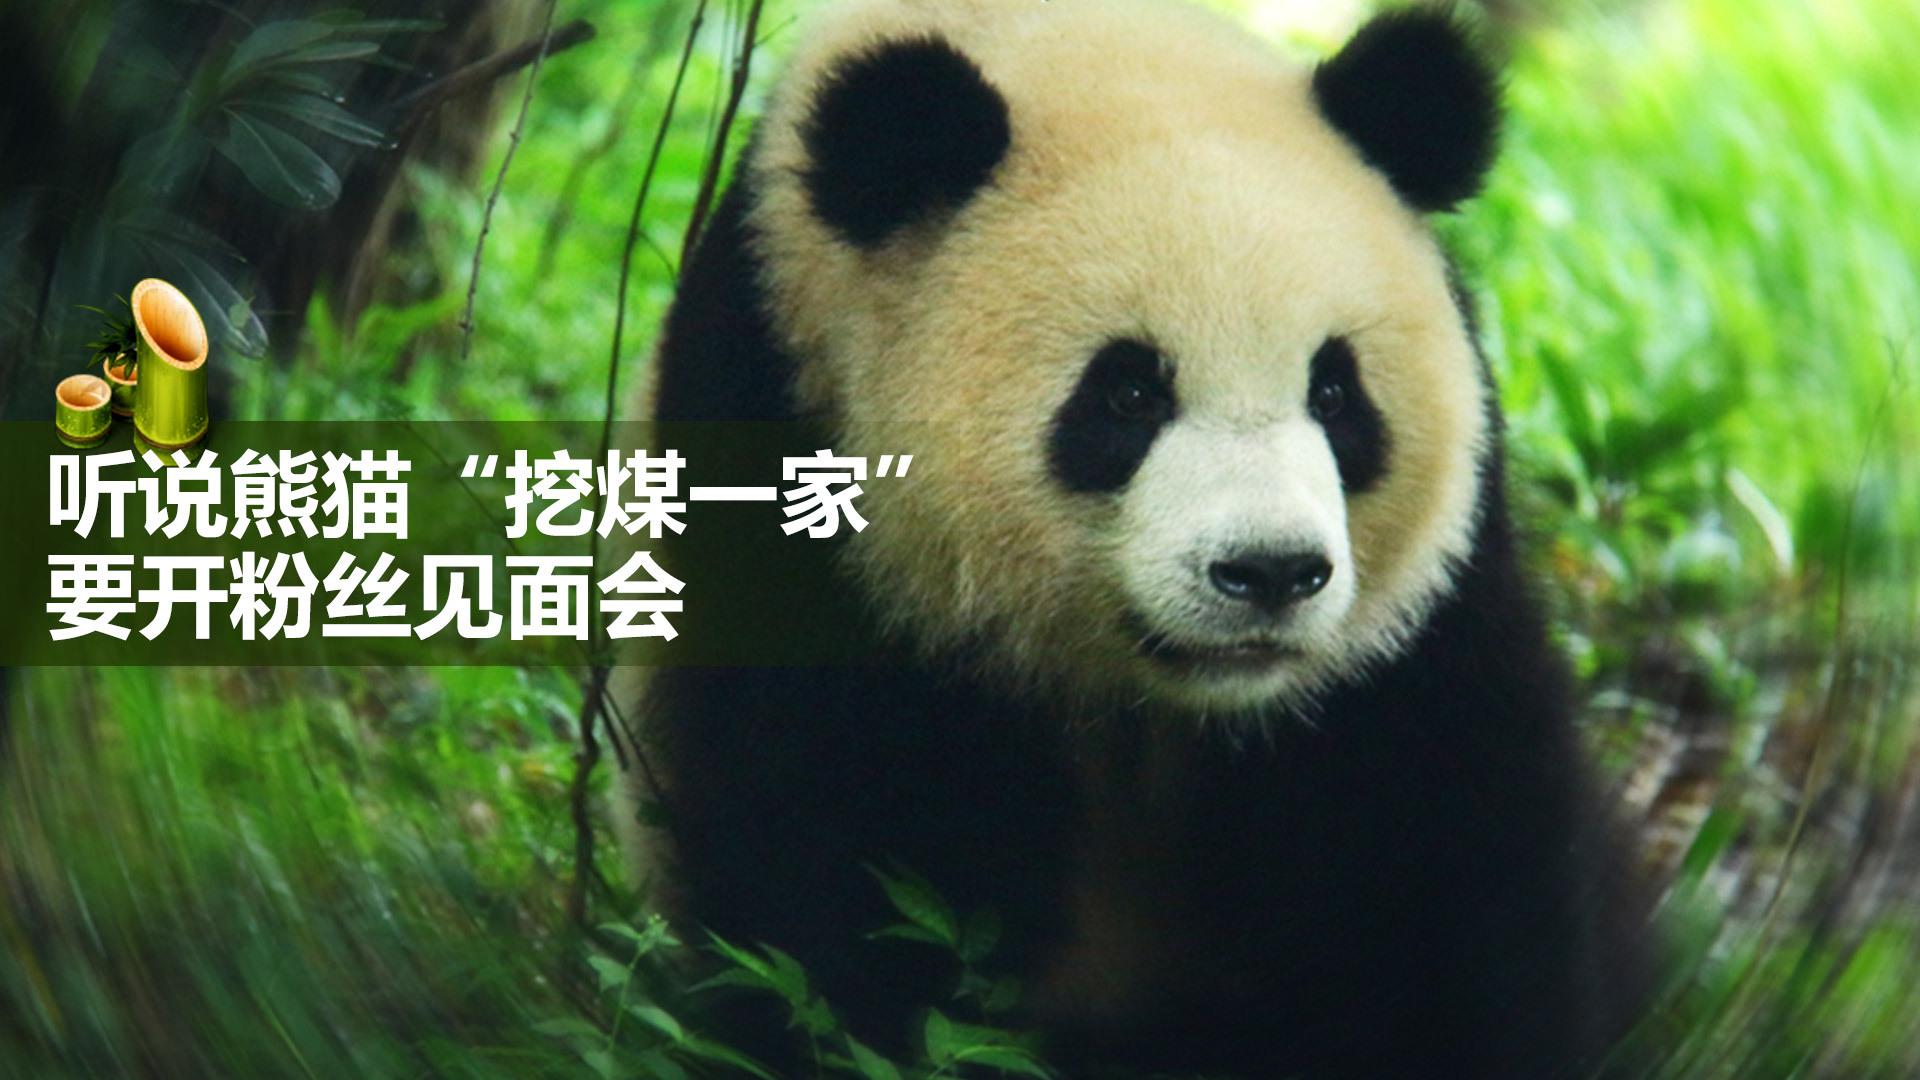 超萌可爱的熊猫来啦 直播熊猫的一家-北京时间